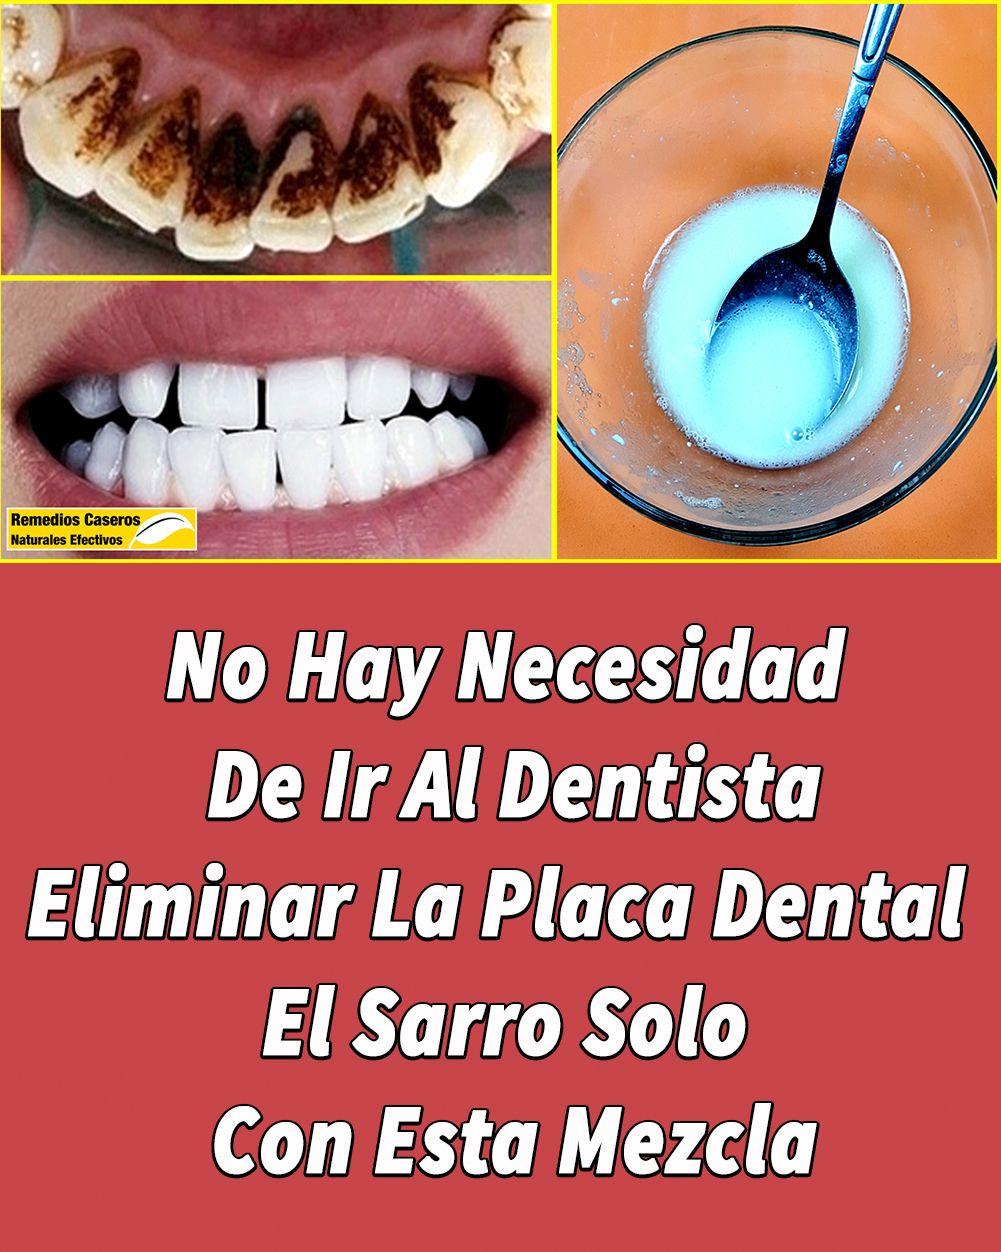 No Hay Necesidad De Ir Al Dentista Eliminar La Placa Dental Y El Sarro Solo Con Esta Mezcla Blanqueamiento Dental Casero Placas Dentales Blanqueamiento Dental